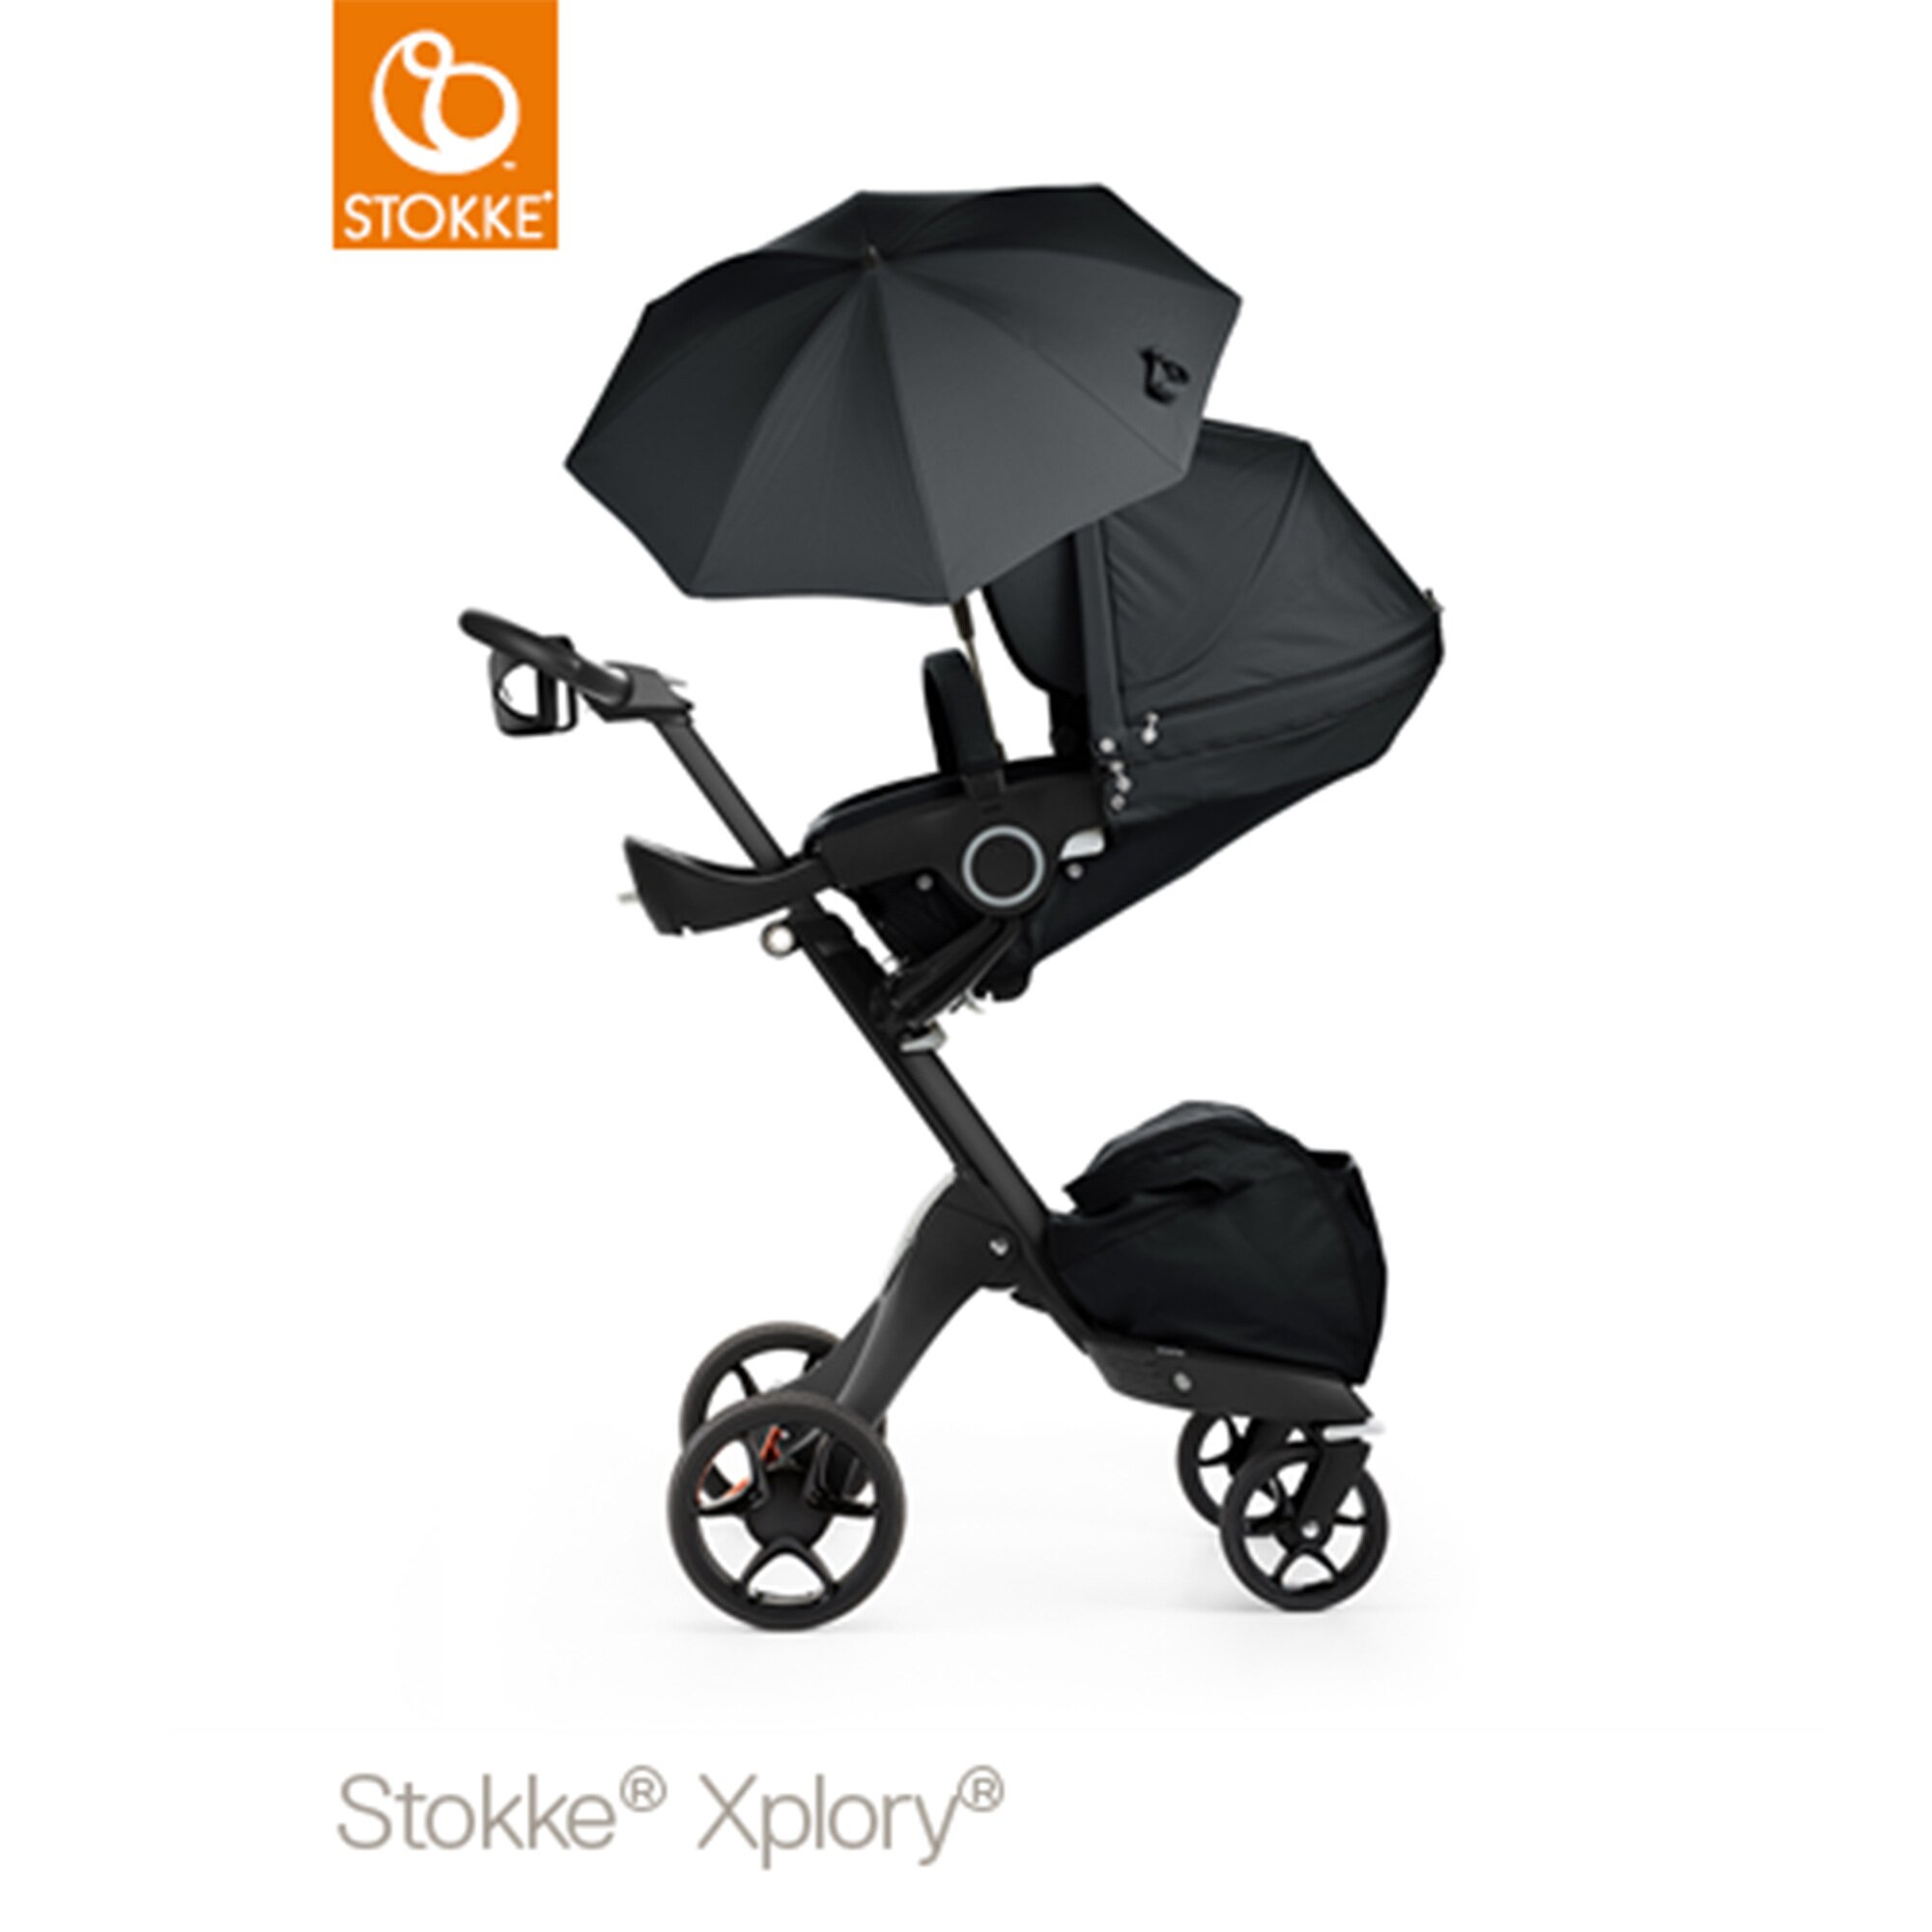 xplory-v5-kinderwagen-black-design-2017-mit-sonnenschirm-und-getrankehalter-schwarz